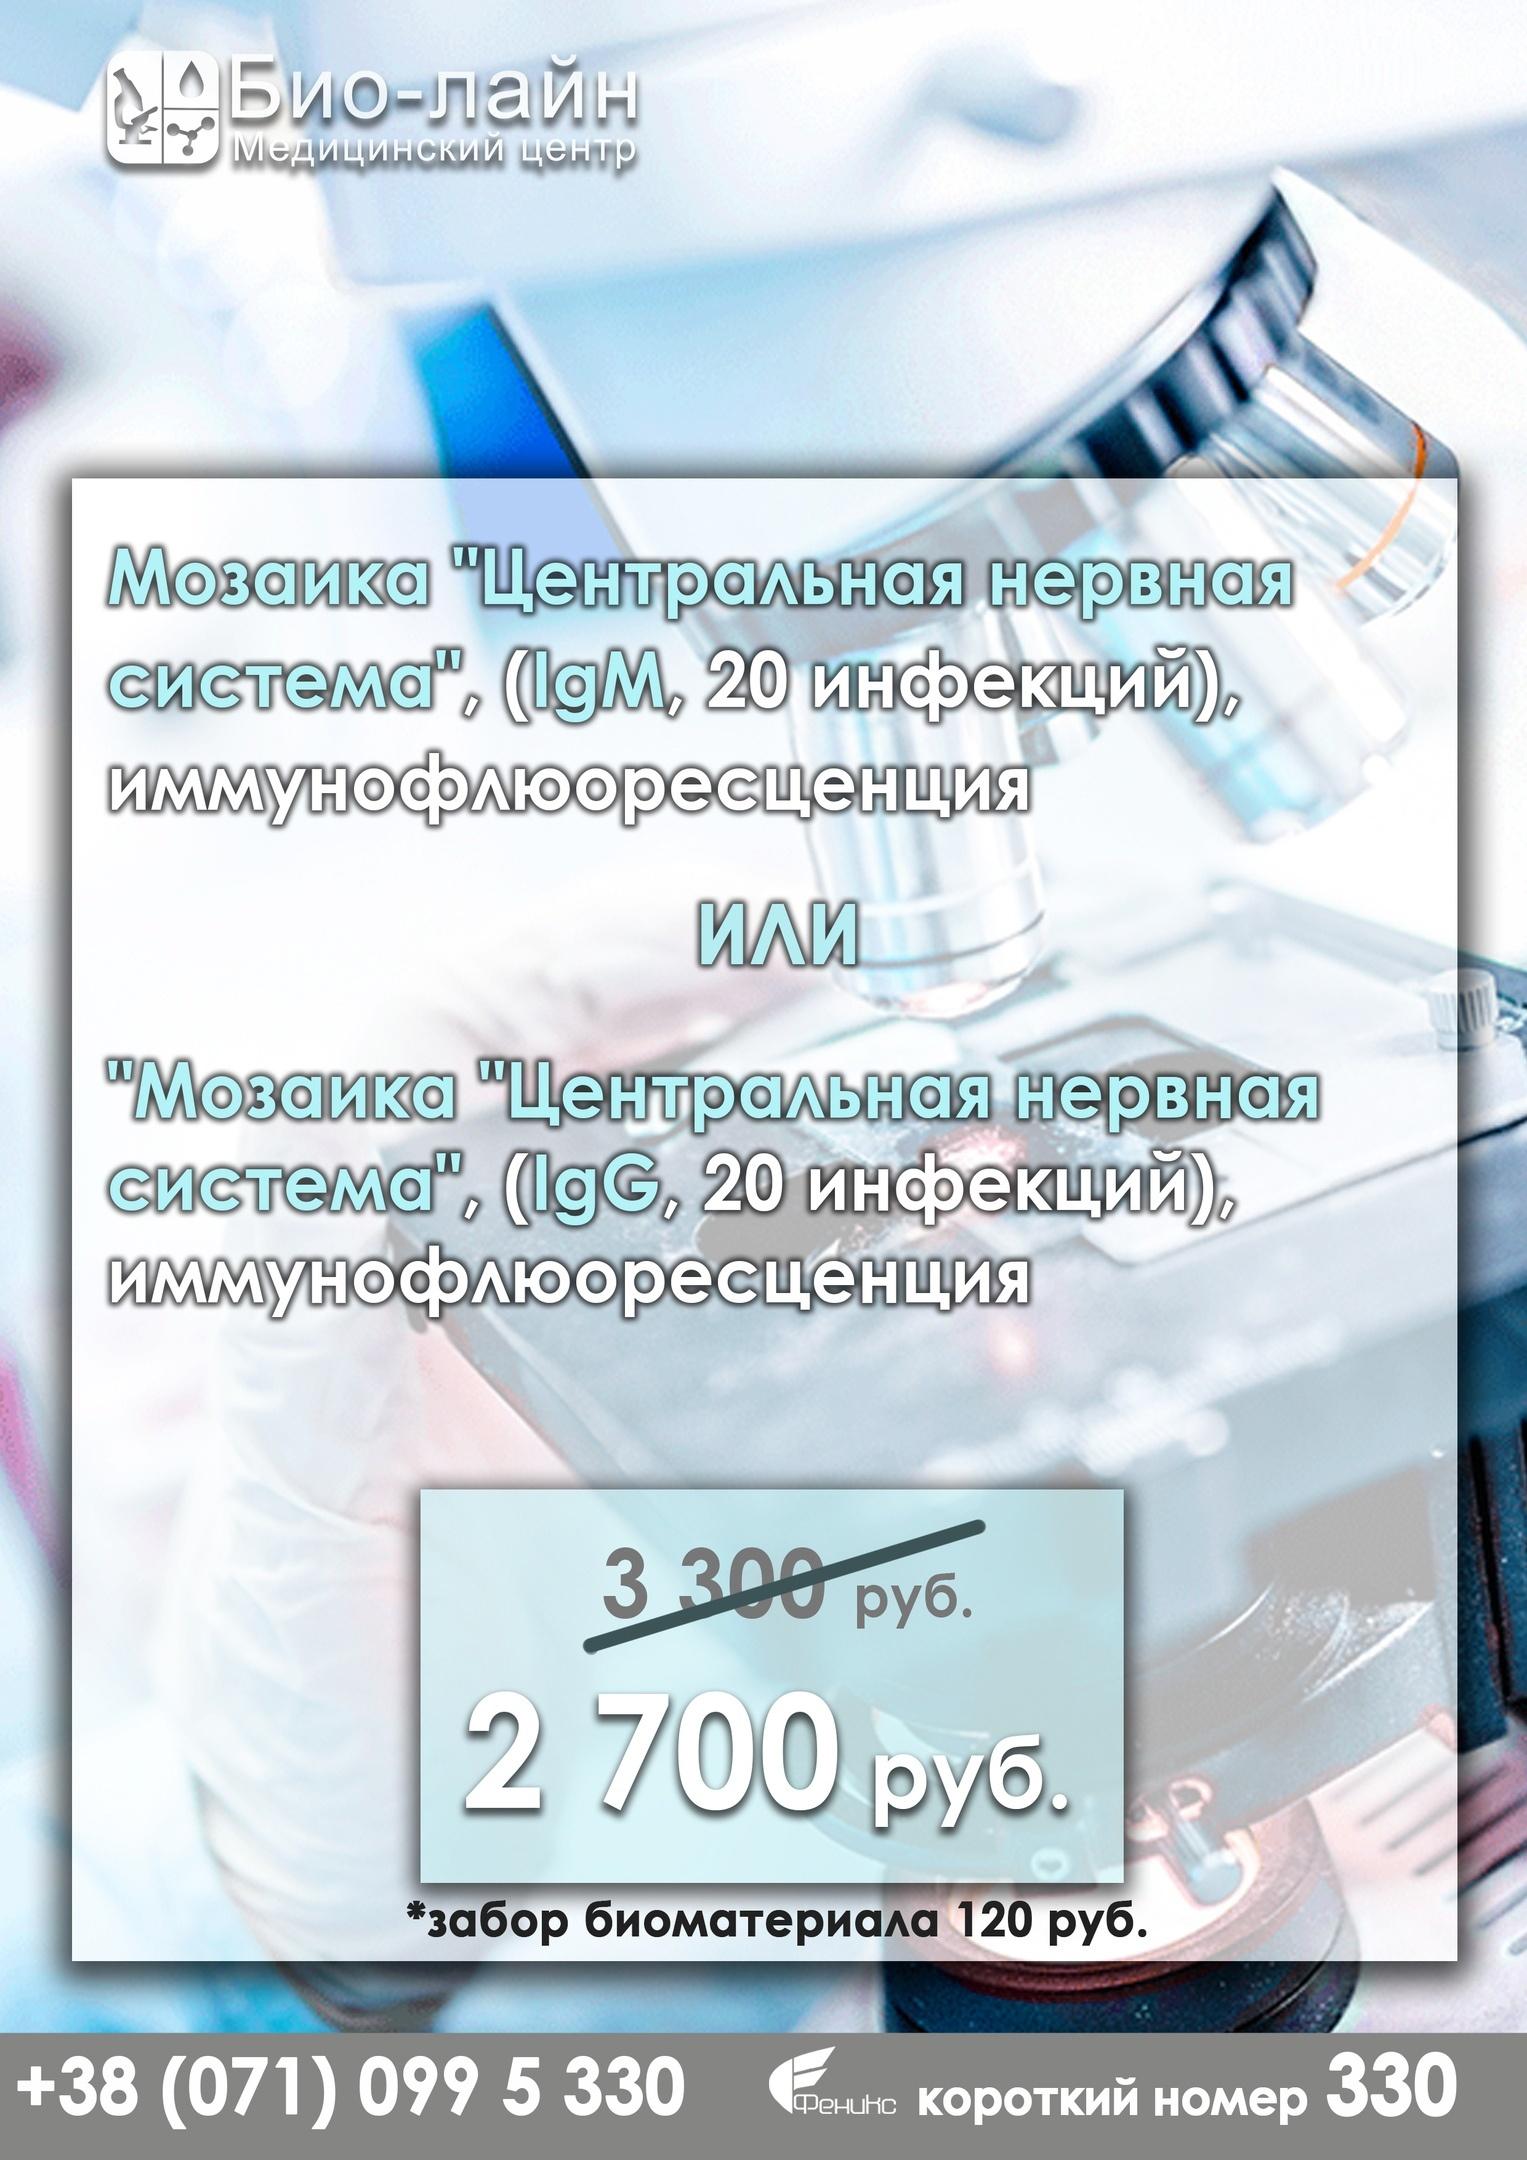 jFCef-XyVGg